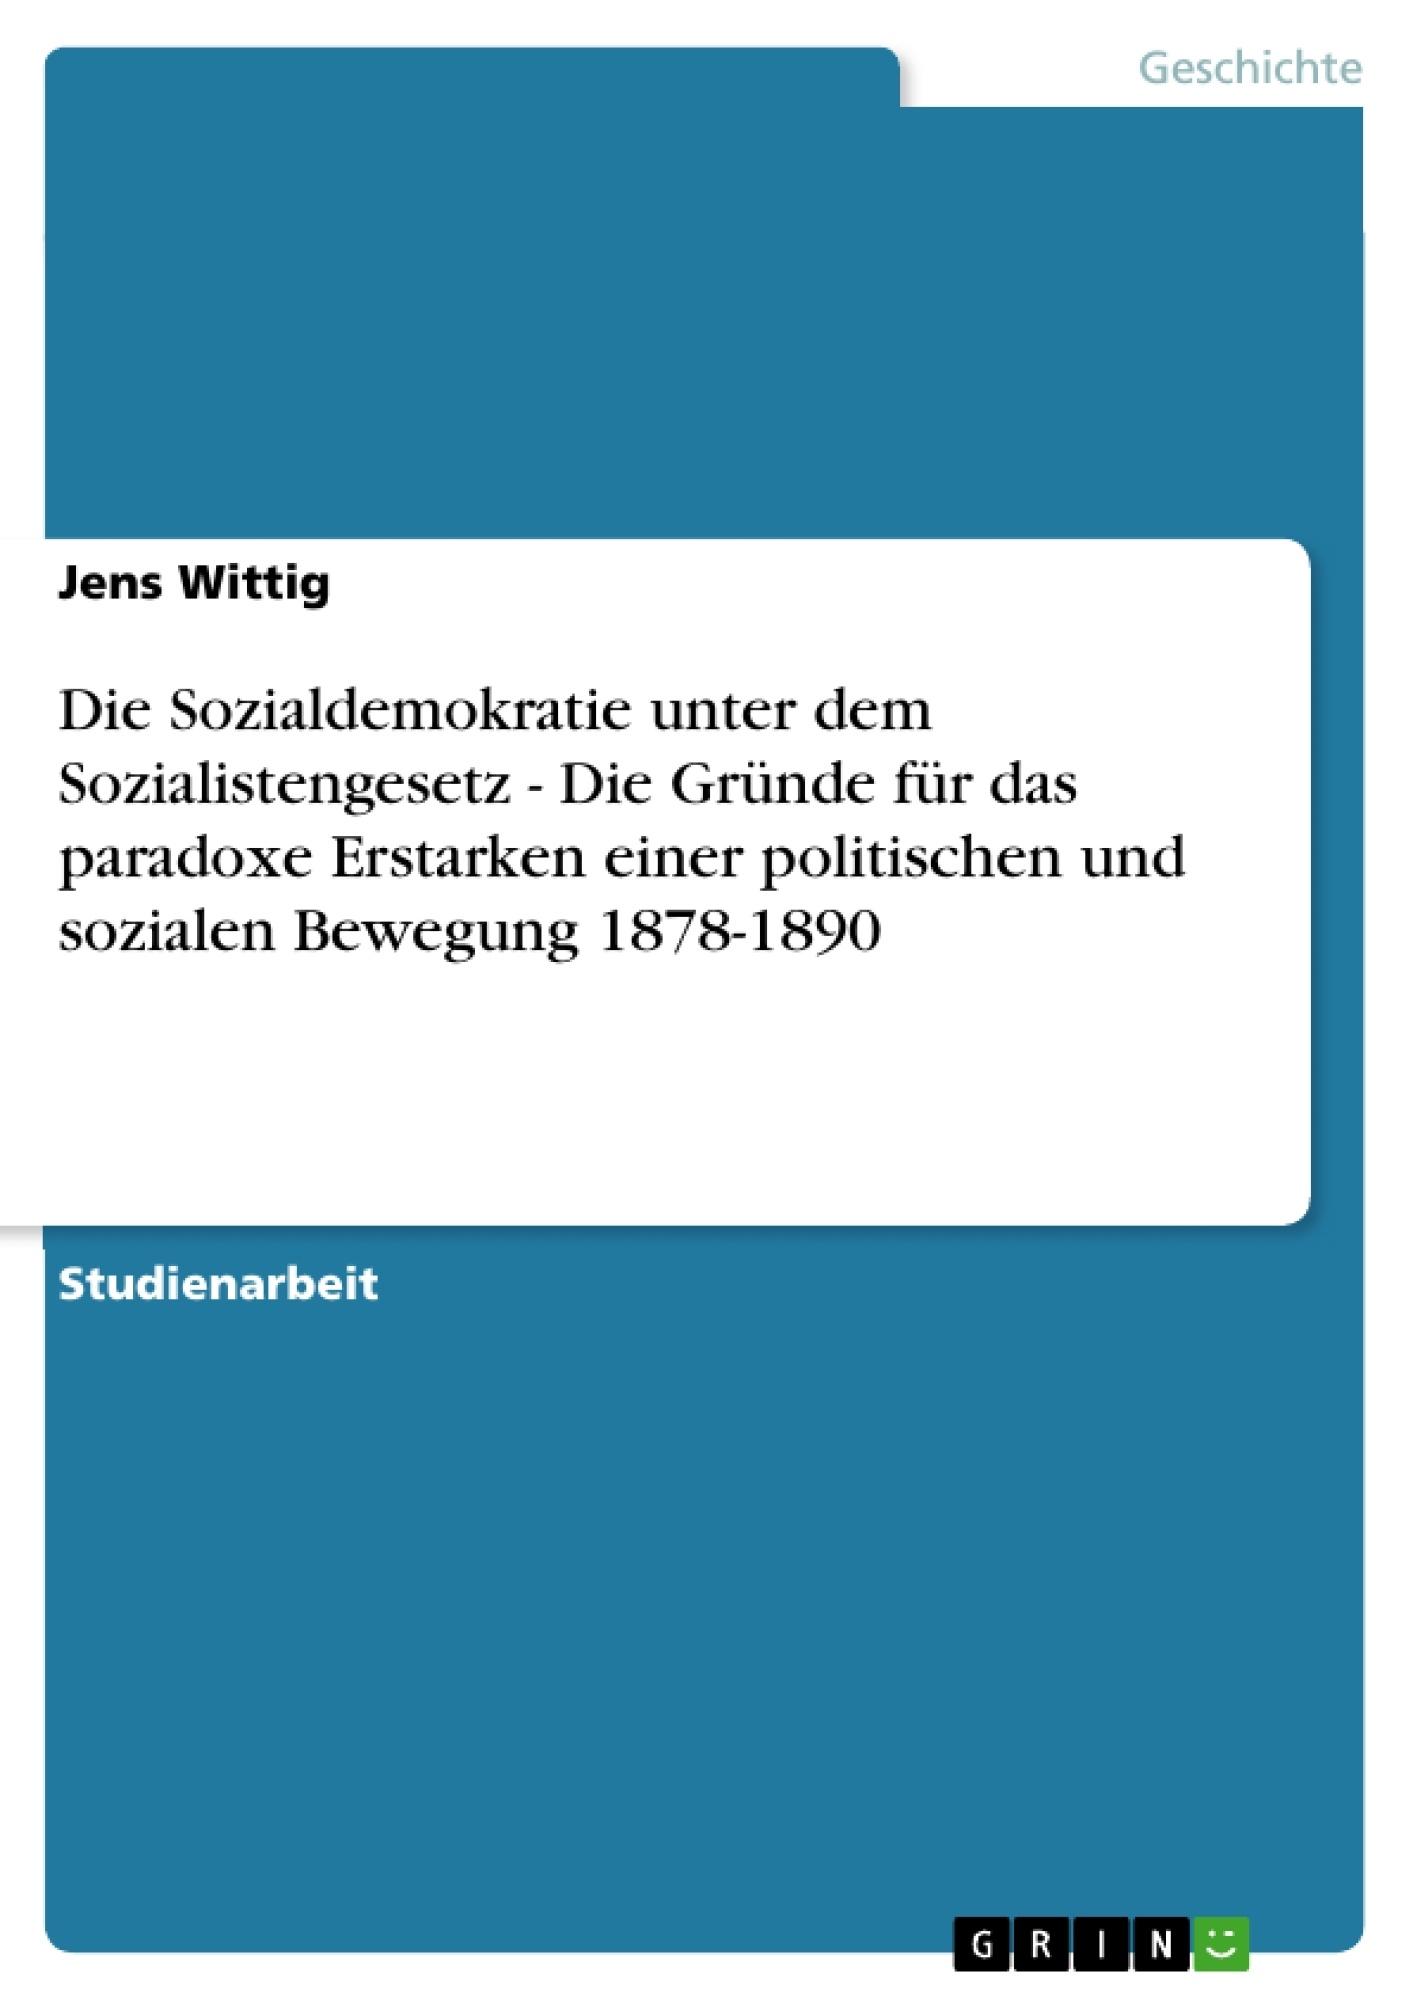 Titel: Die Sozialdemokratie unter dem Sozialistengesetz  -  Die Gründe für das paradoxe Erstarken einer politischen und sozialen Bewegung 1878-1890